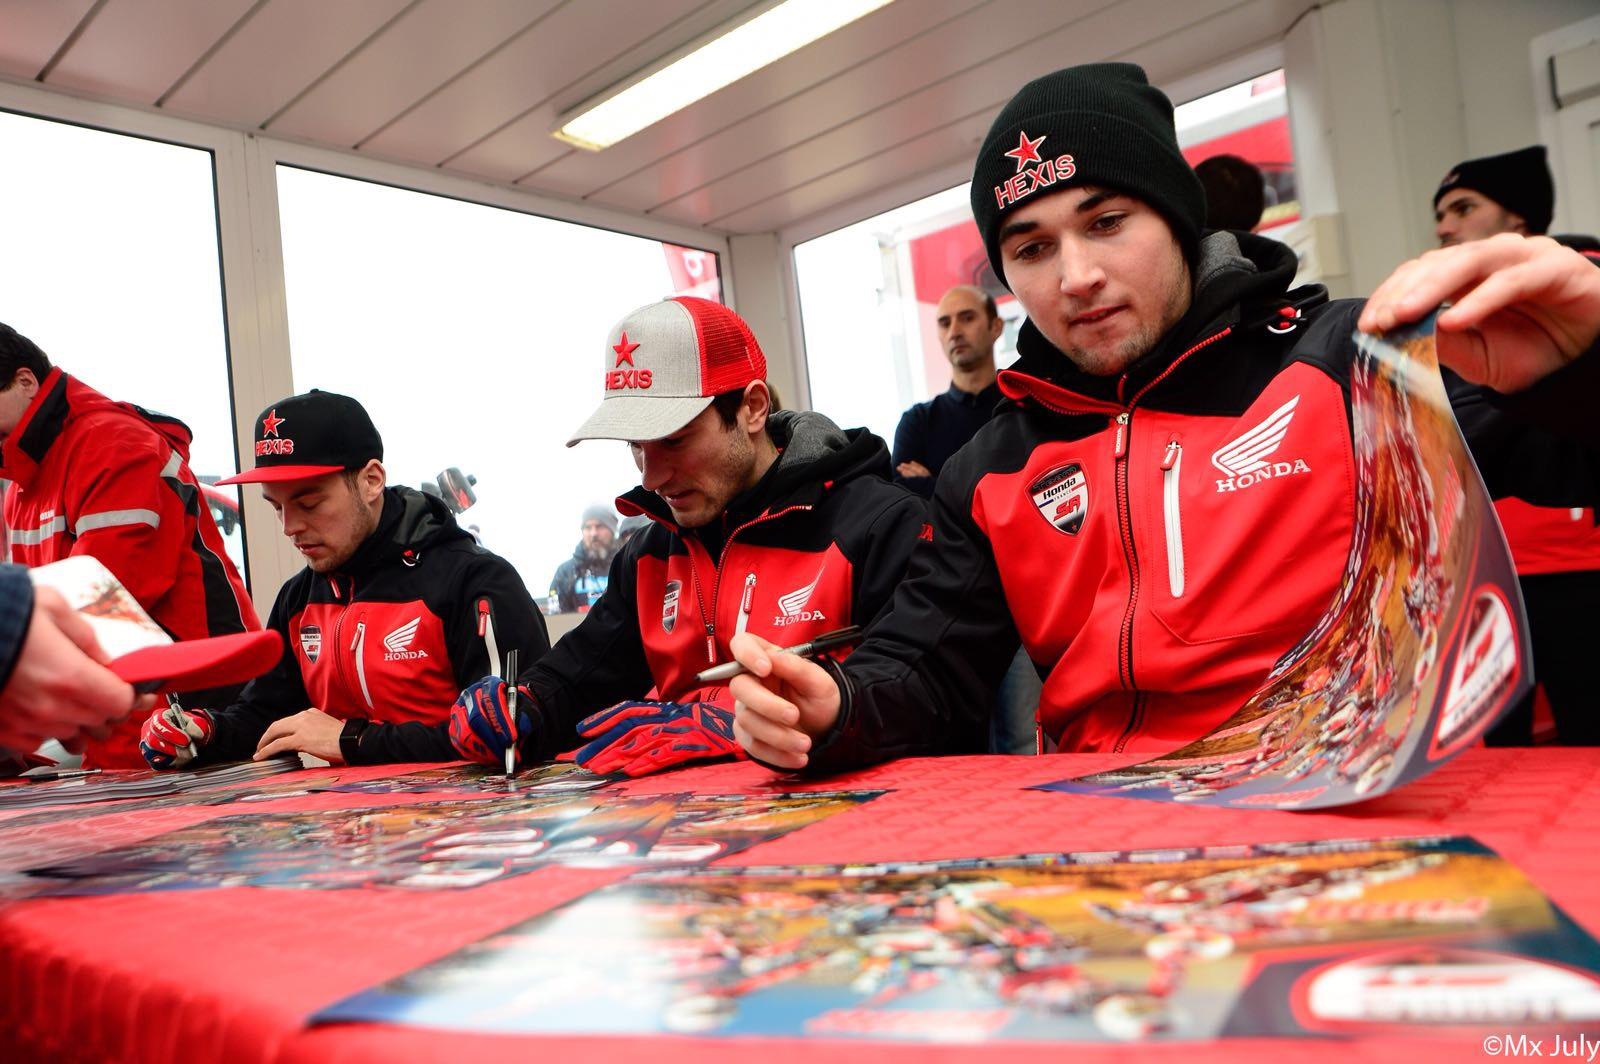 Séance de dédicace des pilotes du Team SR Motoblouz - Photo MXJuly